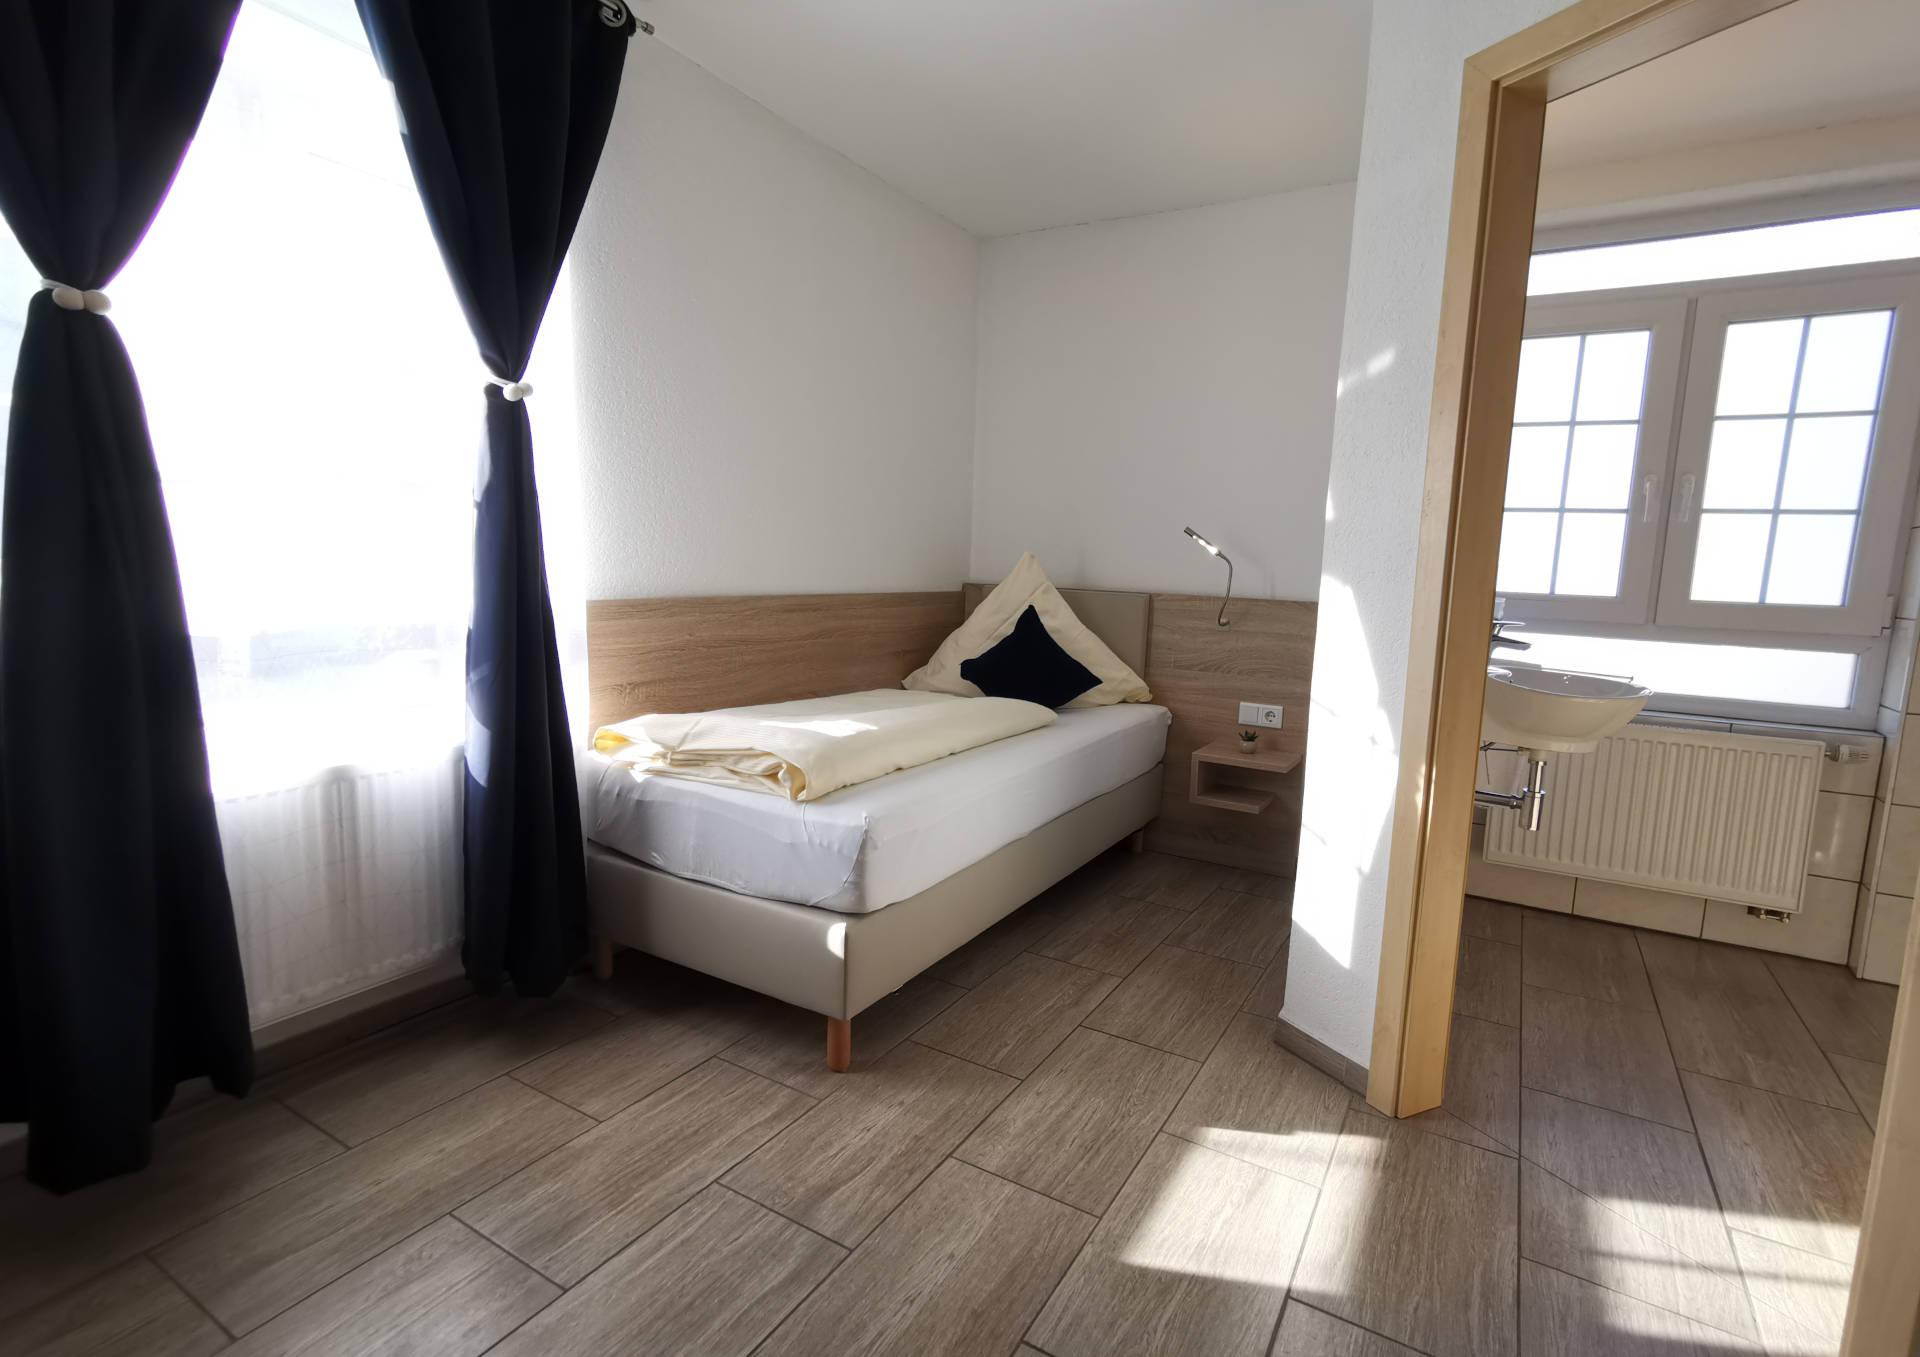 einzelzimmer hotel mezzero waldshut-tiengen